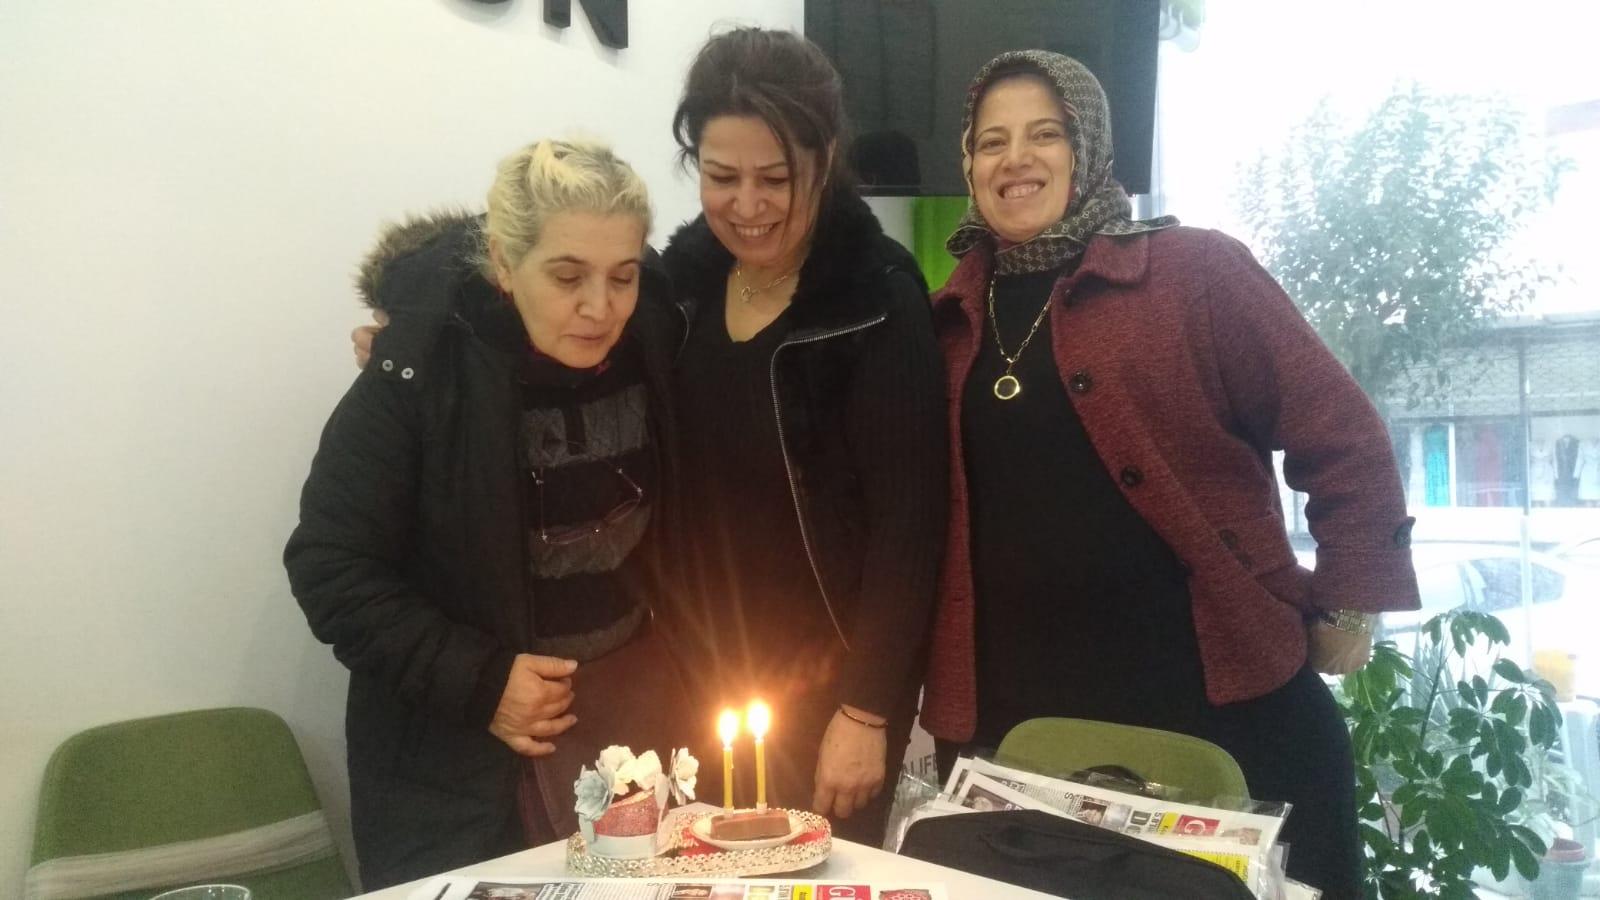 Herbalife Gülsüm Delibaş'ın doğum günü sevincine süpriz yaptı